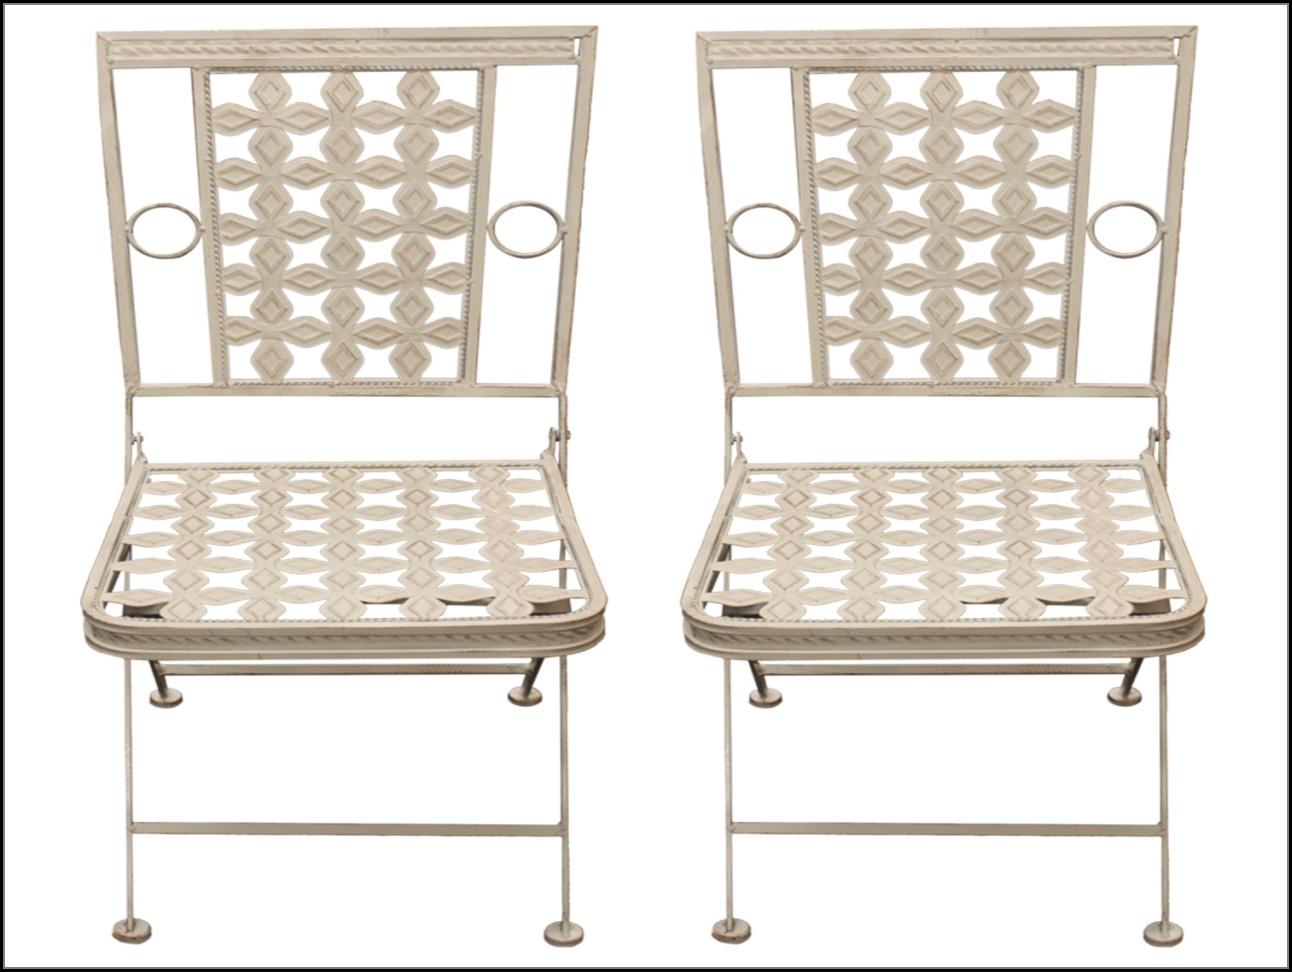 Walmart Outdoor Patio Tables